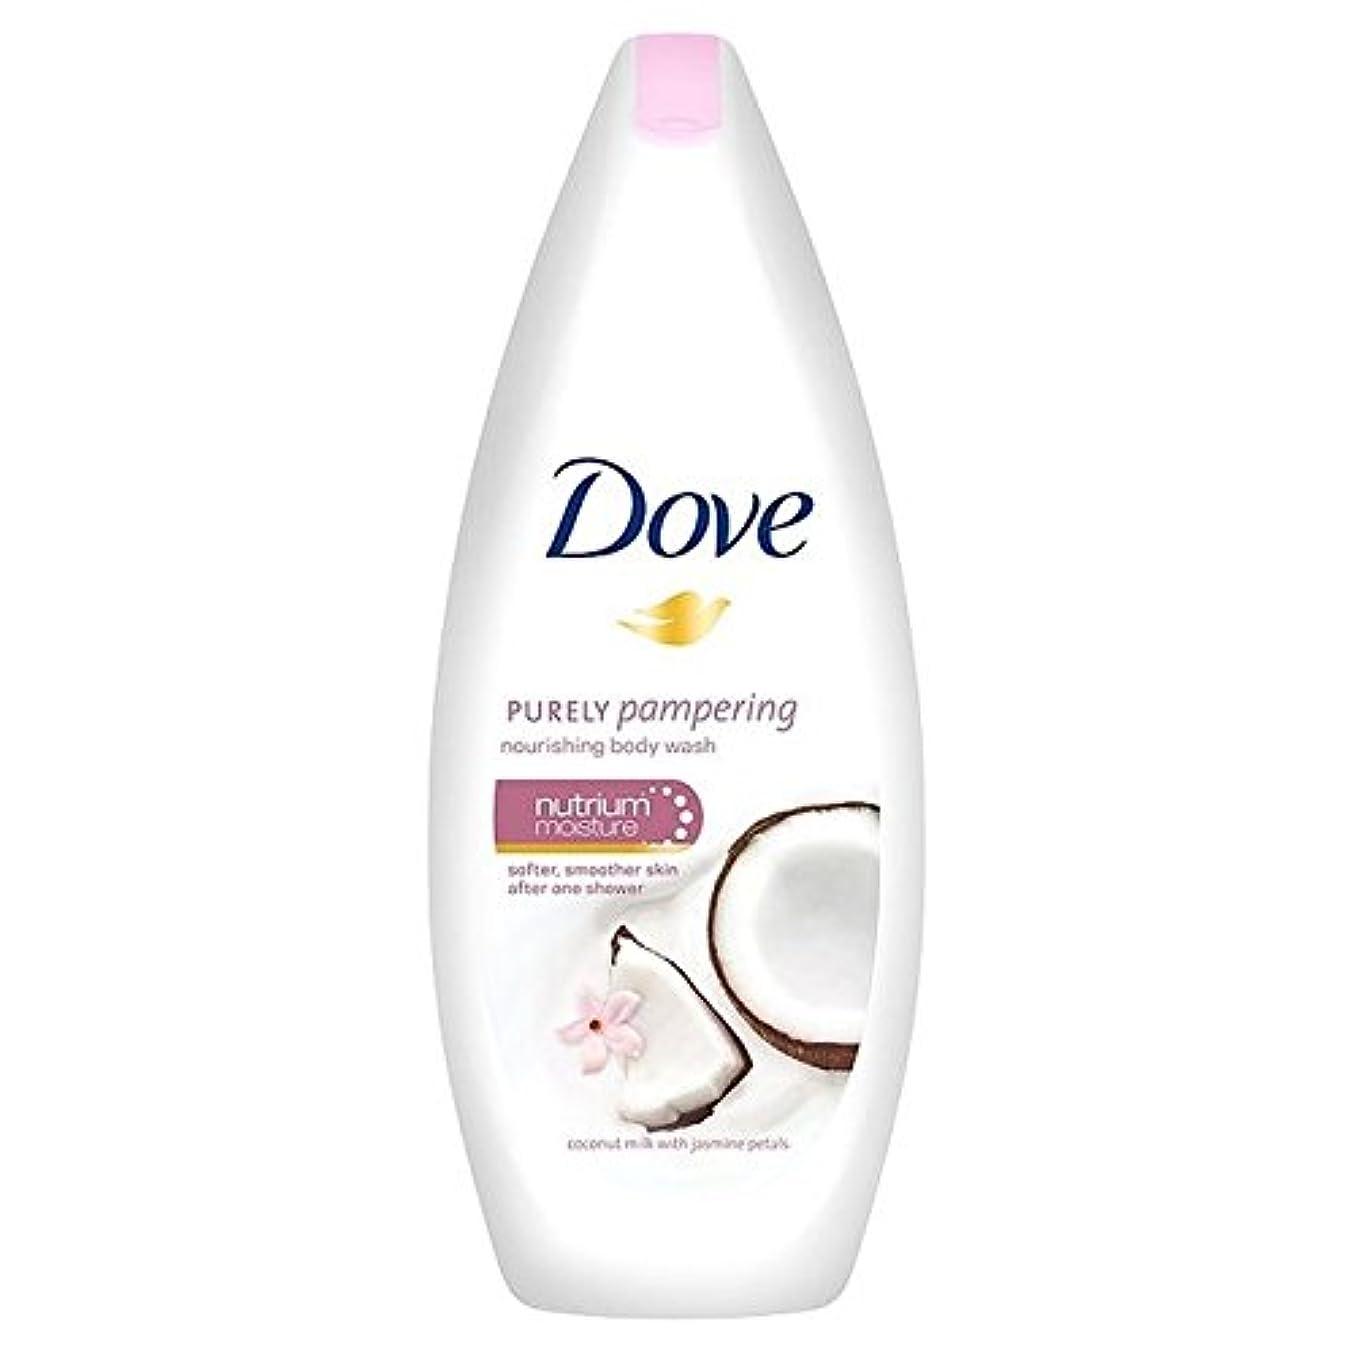 ケーブルカーリングレット浸した鳩純粋に甘やかすココナッツボディウォッシュ250ミリリットル x2 - Dove Purely Pampering Coconut Body Wash 250ml (Pack of 2) [並行輸入品]